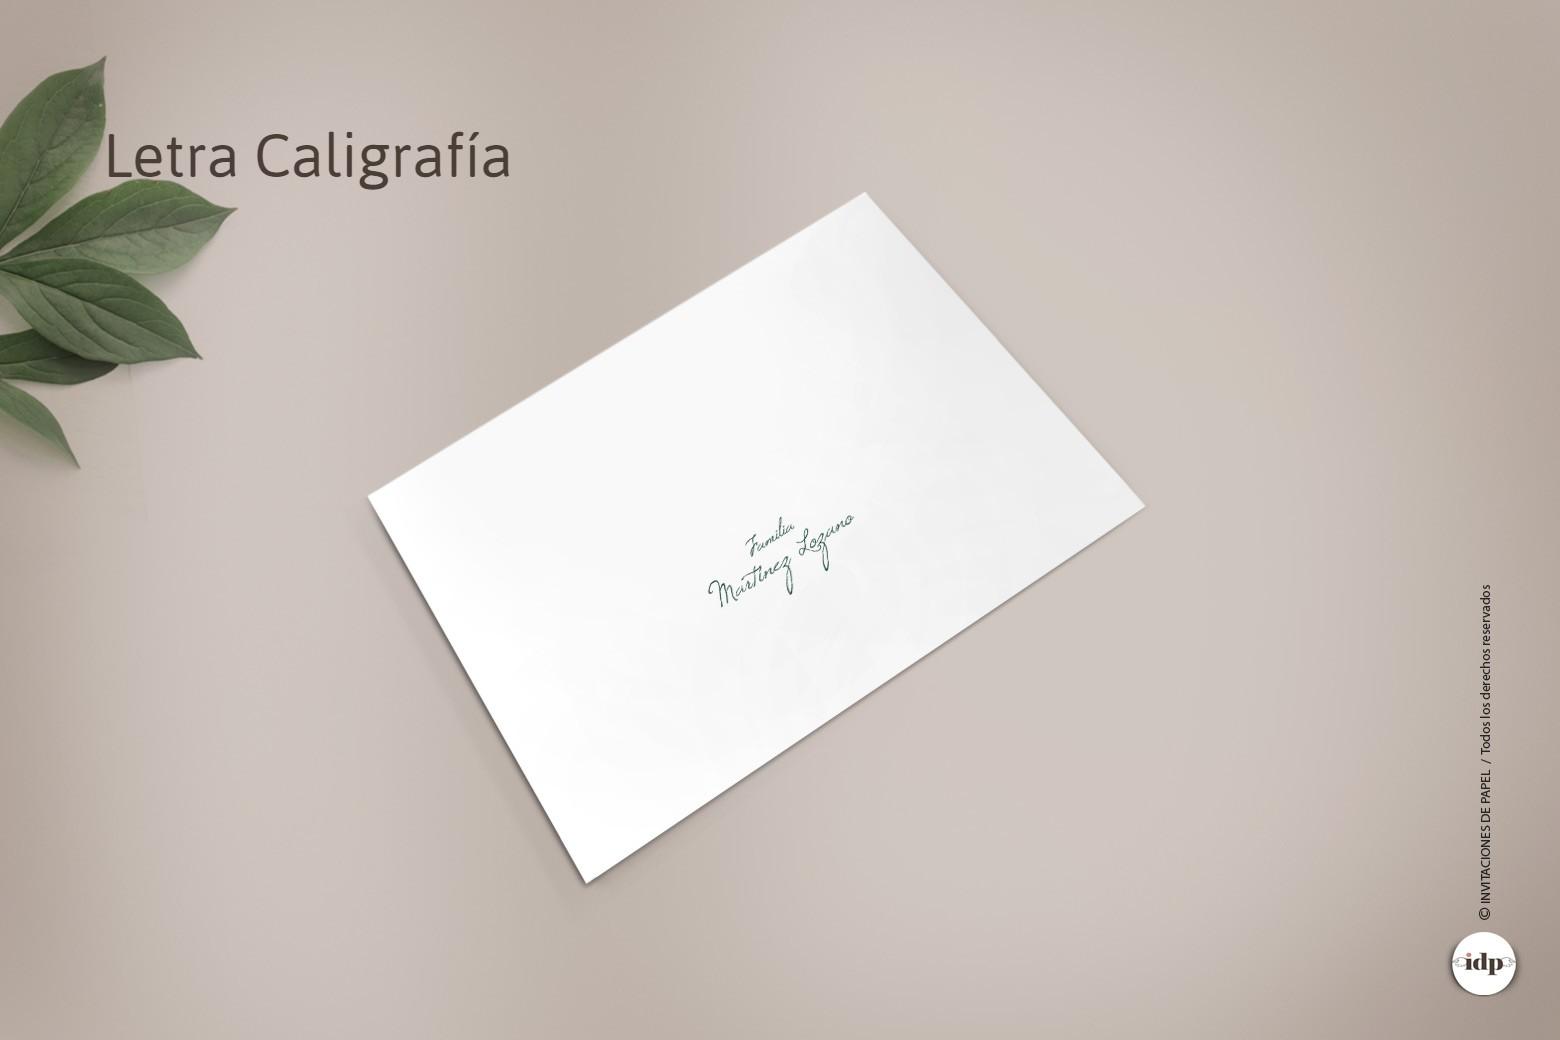 Imprimir los Sobres de la Boda Personalizados con los Nombres de cada Invitado - letra Caligrafía